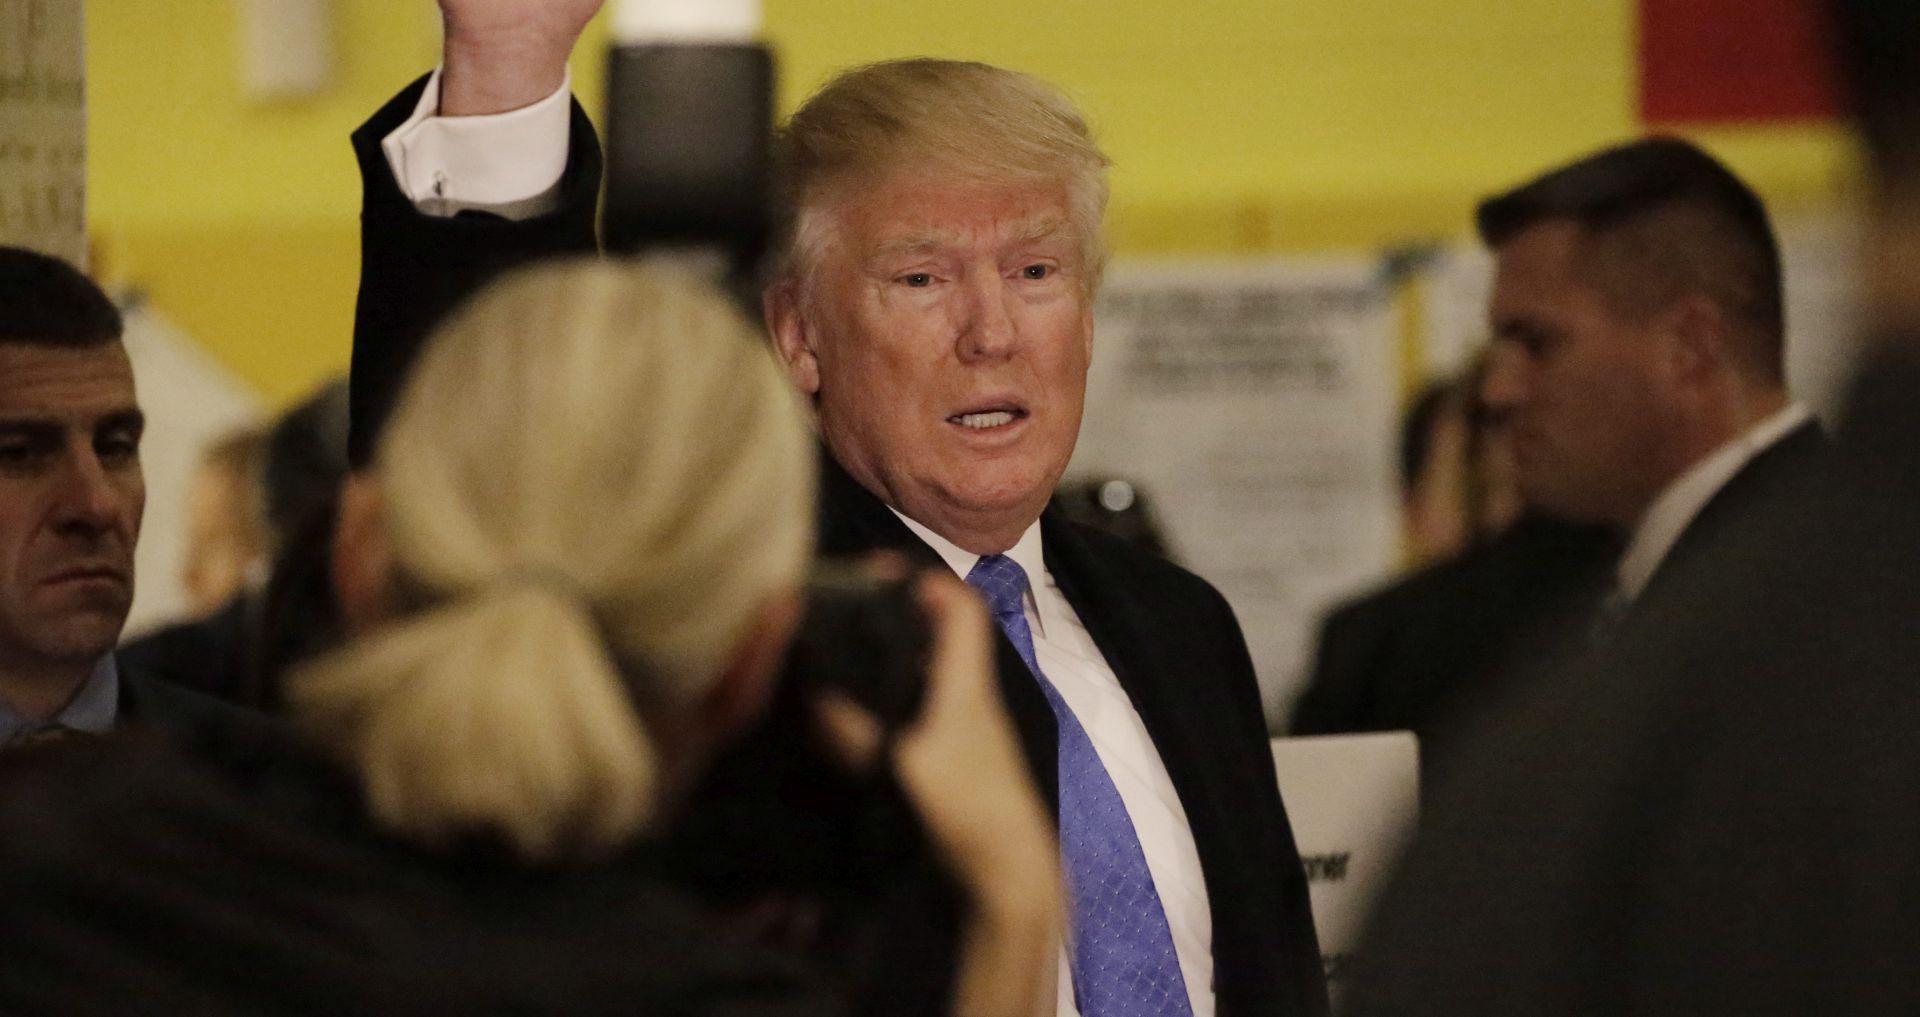 Trumpov izolacionizam zabrinjava saveznike u NATO-u